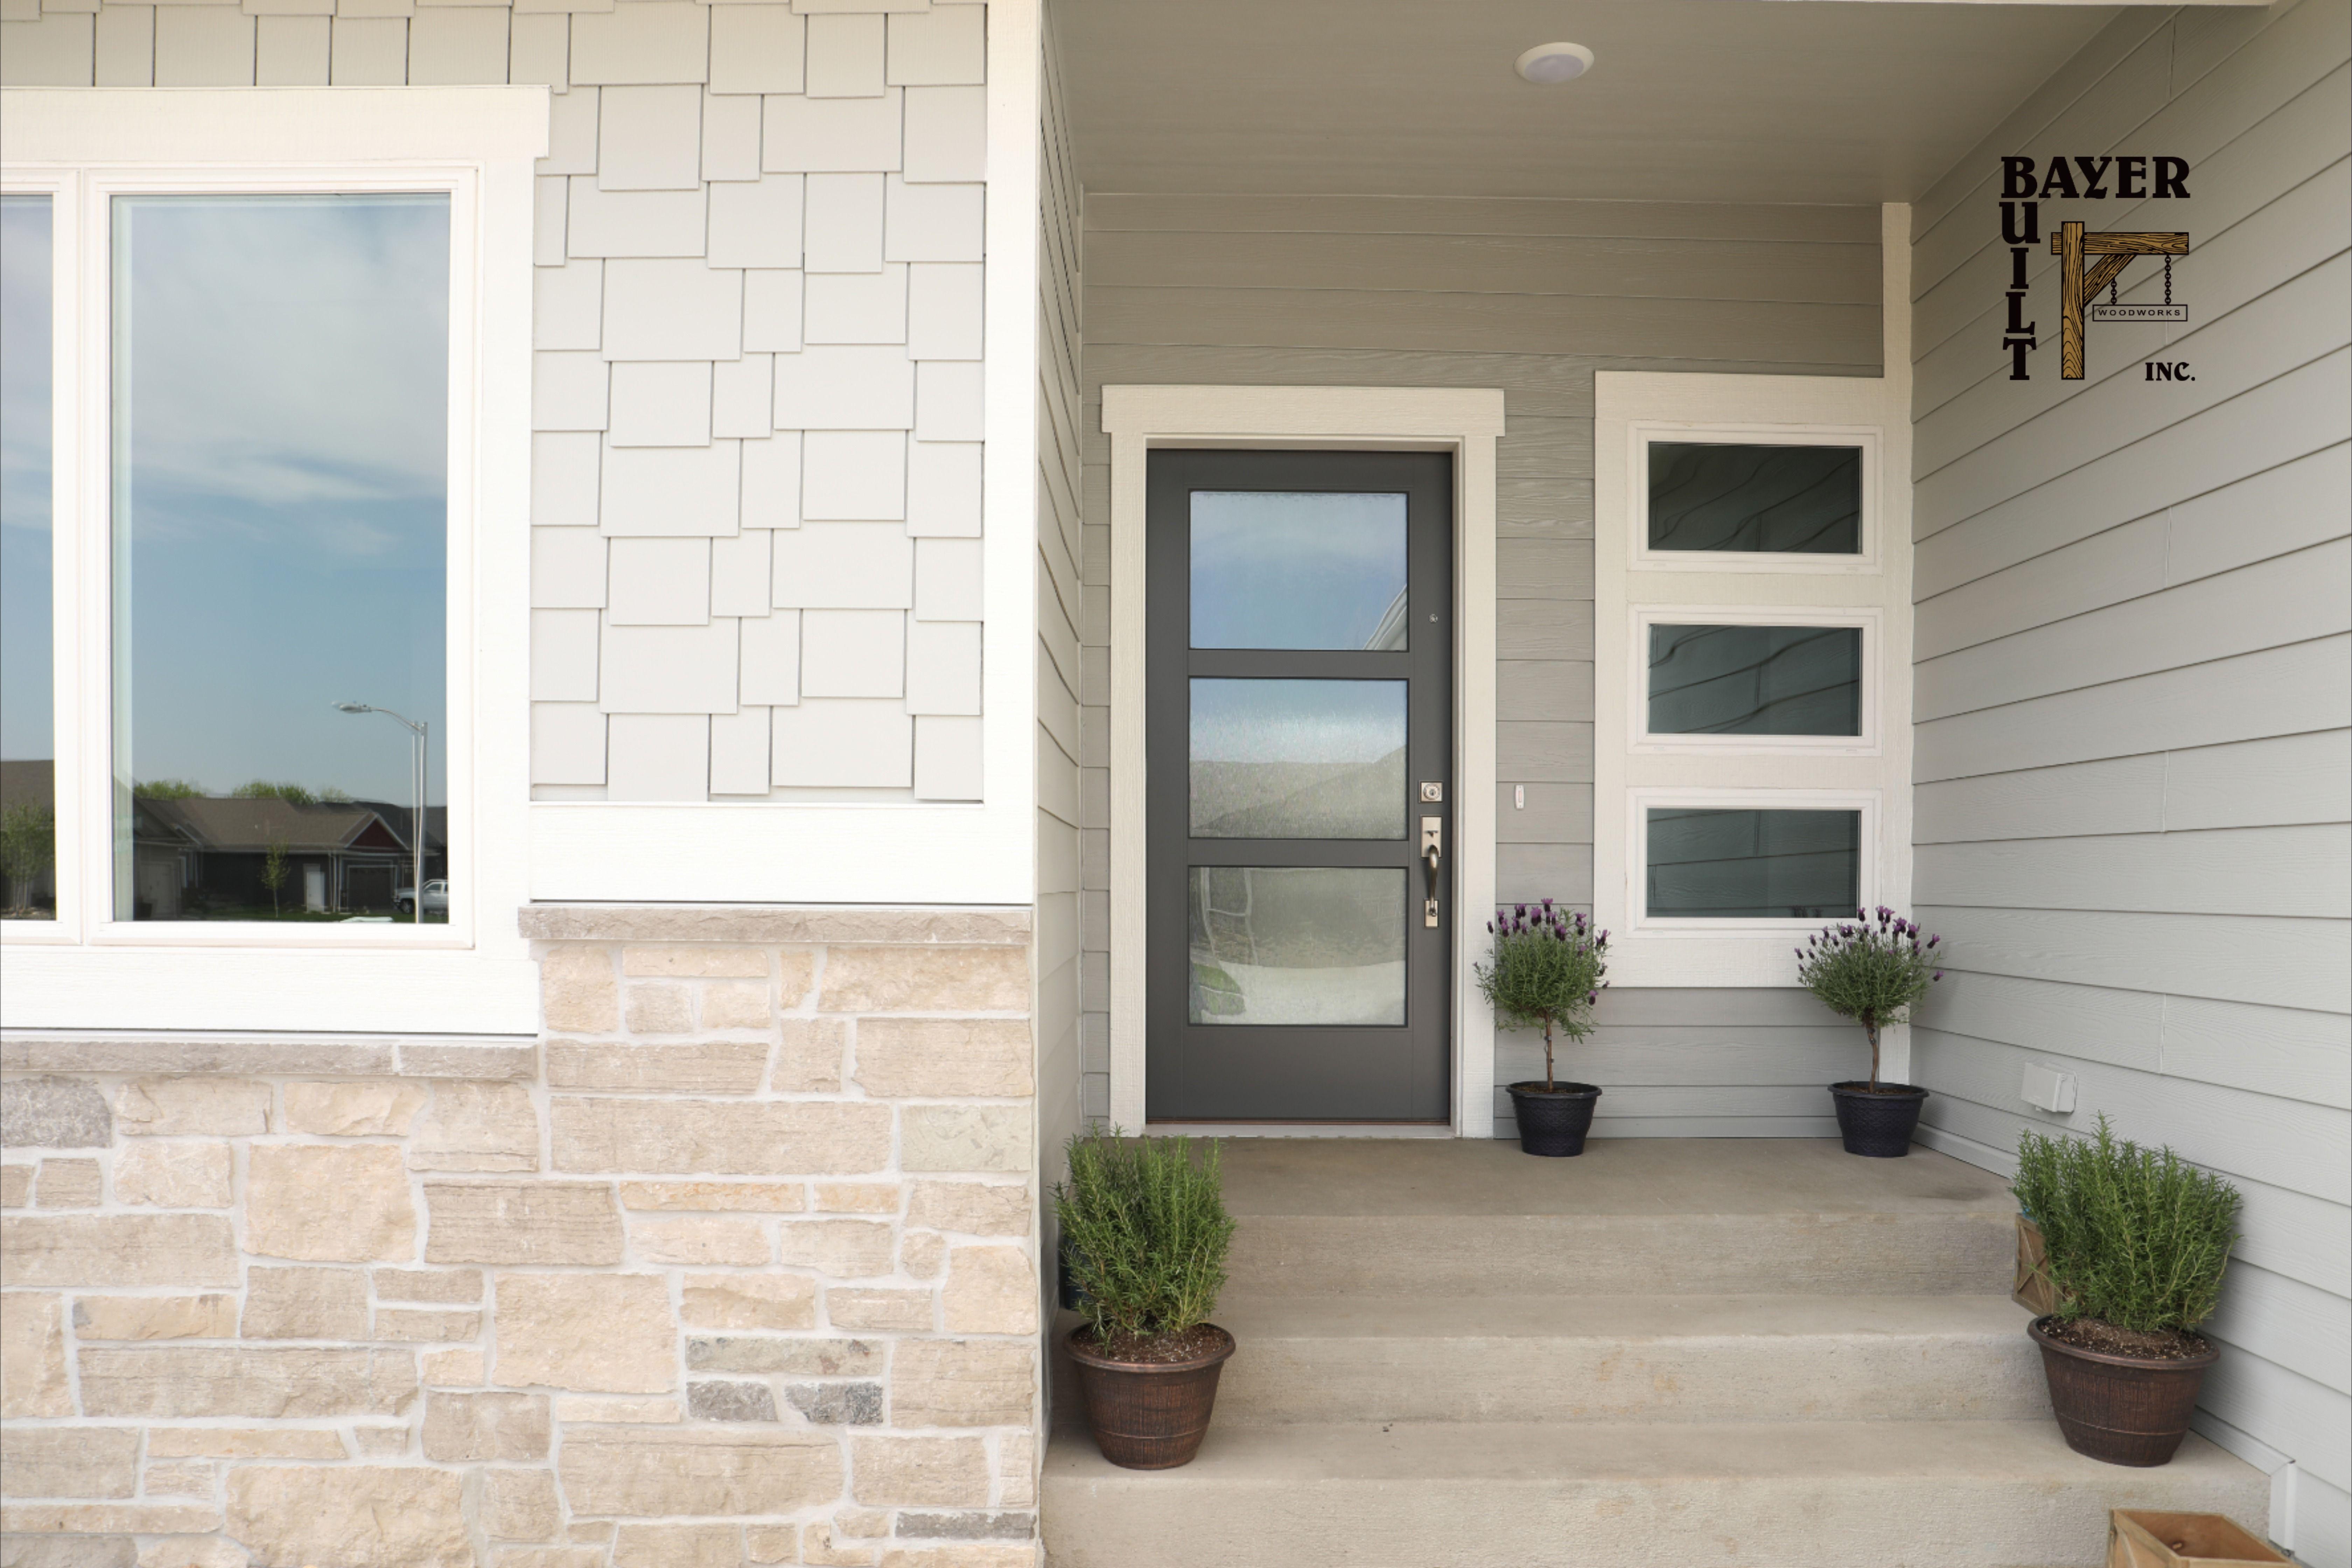 A Great Front Door Is The Best Welcome In 2020 Front Door Steps Front Doors With Windows Front Door